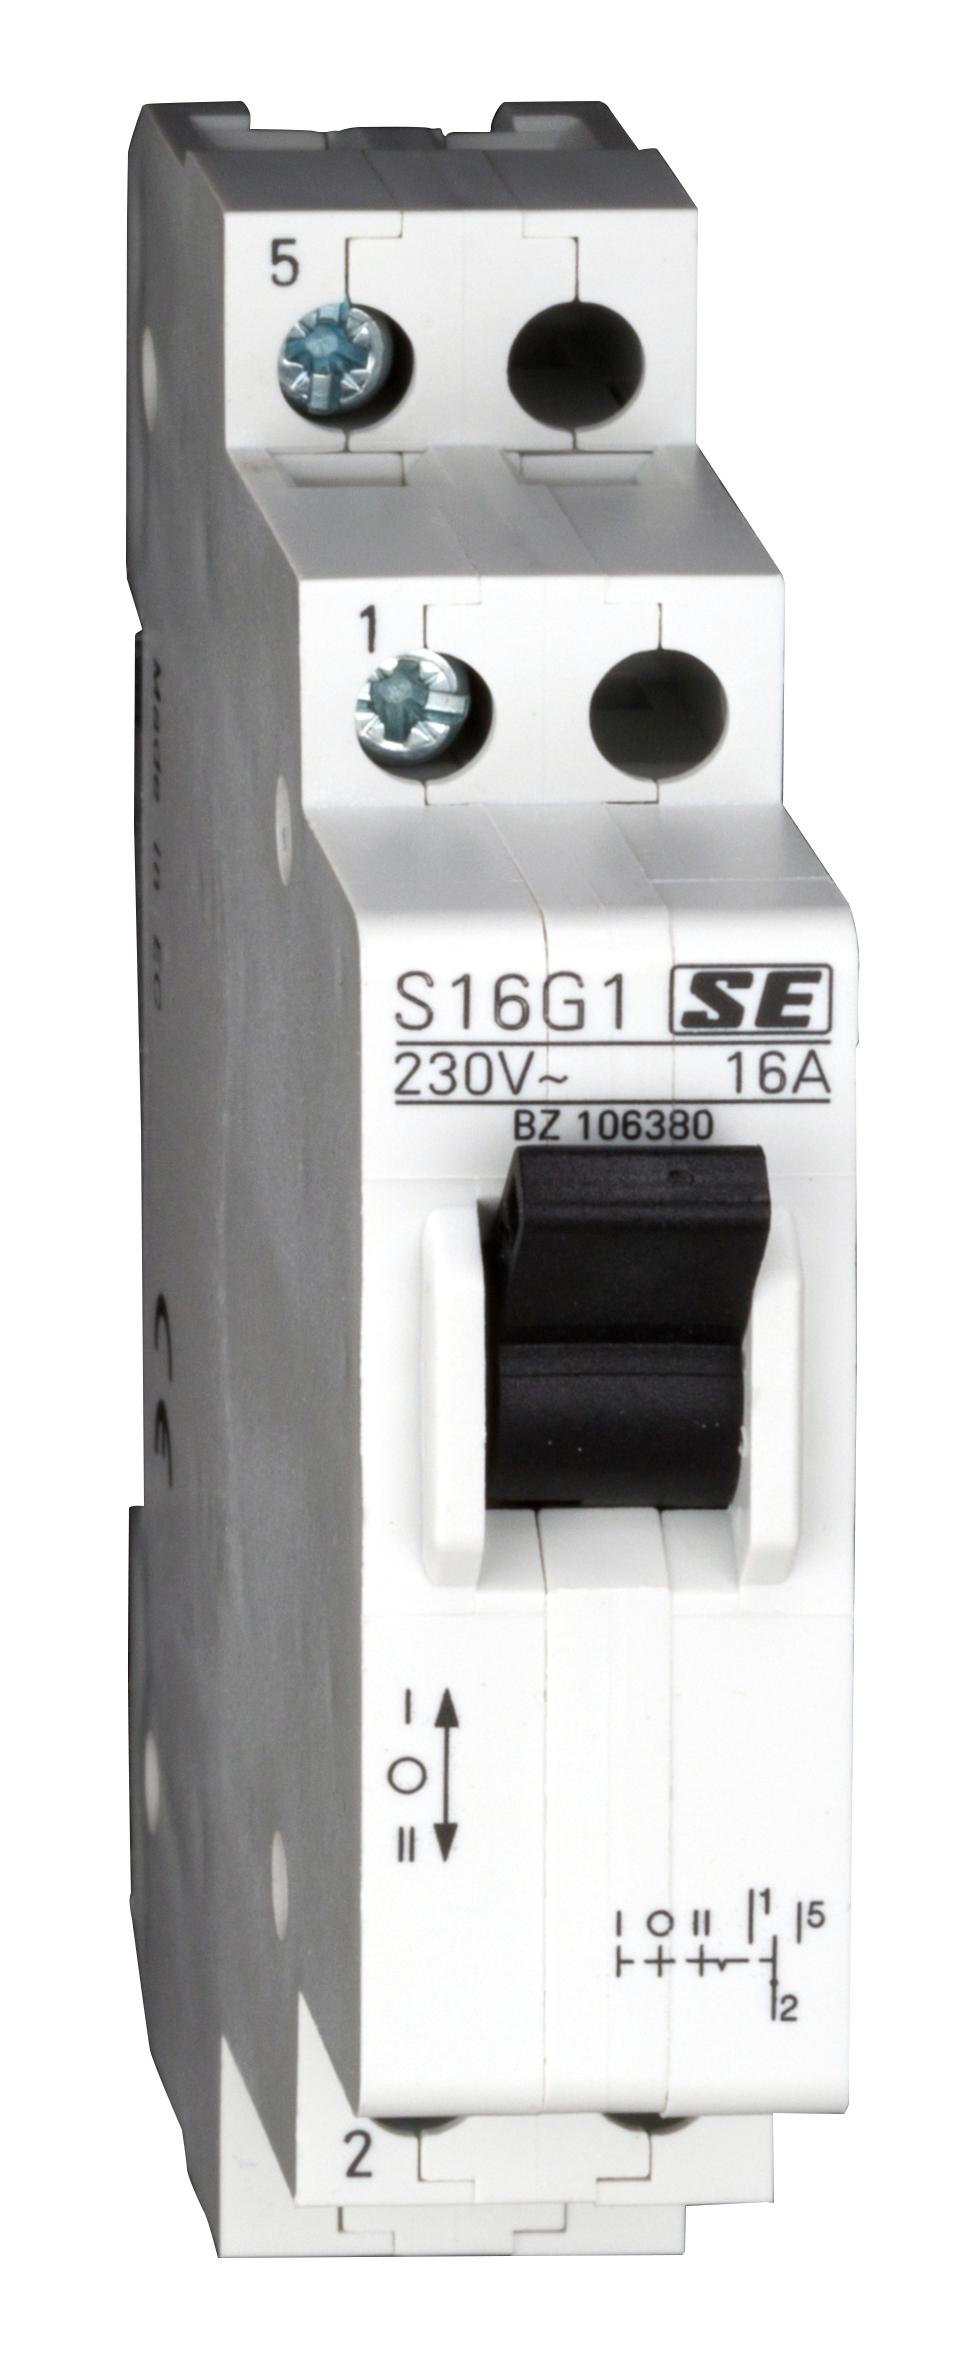 Aparate de comanda si semnalizare REG17158